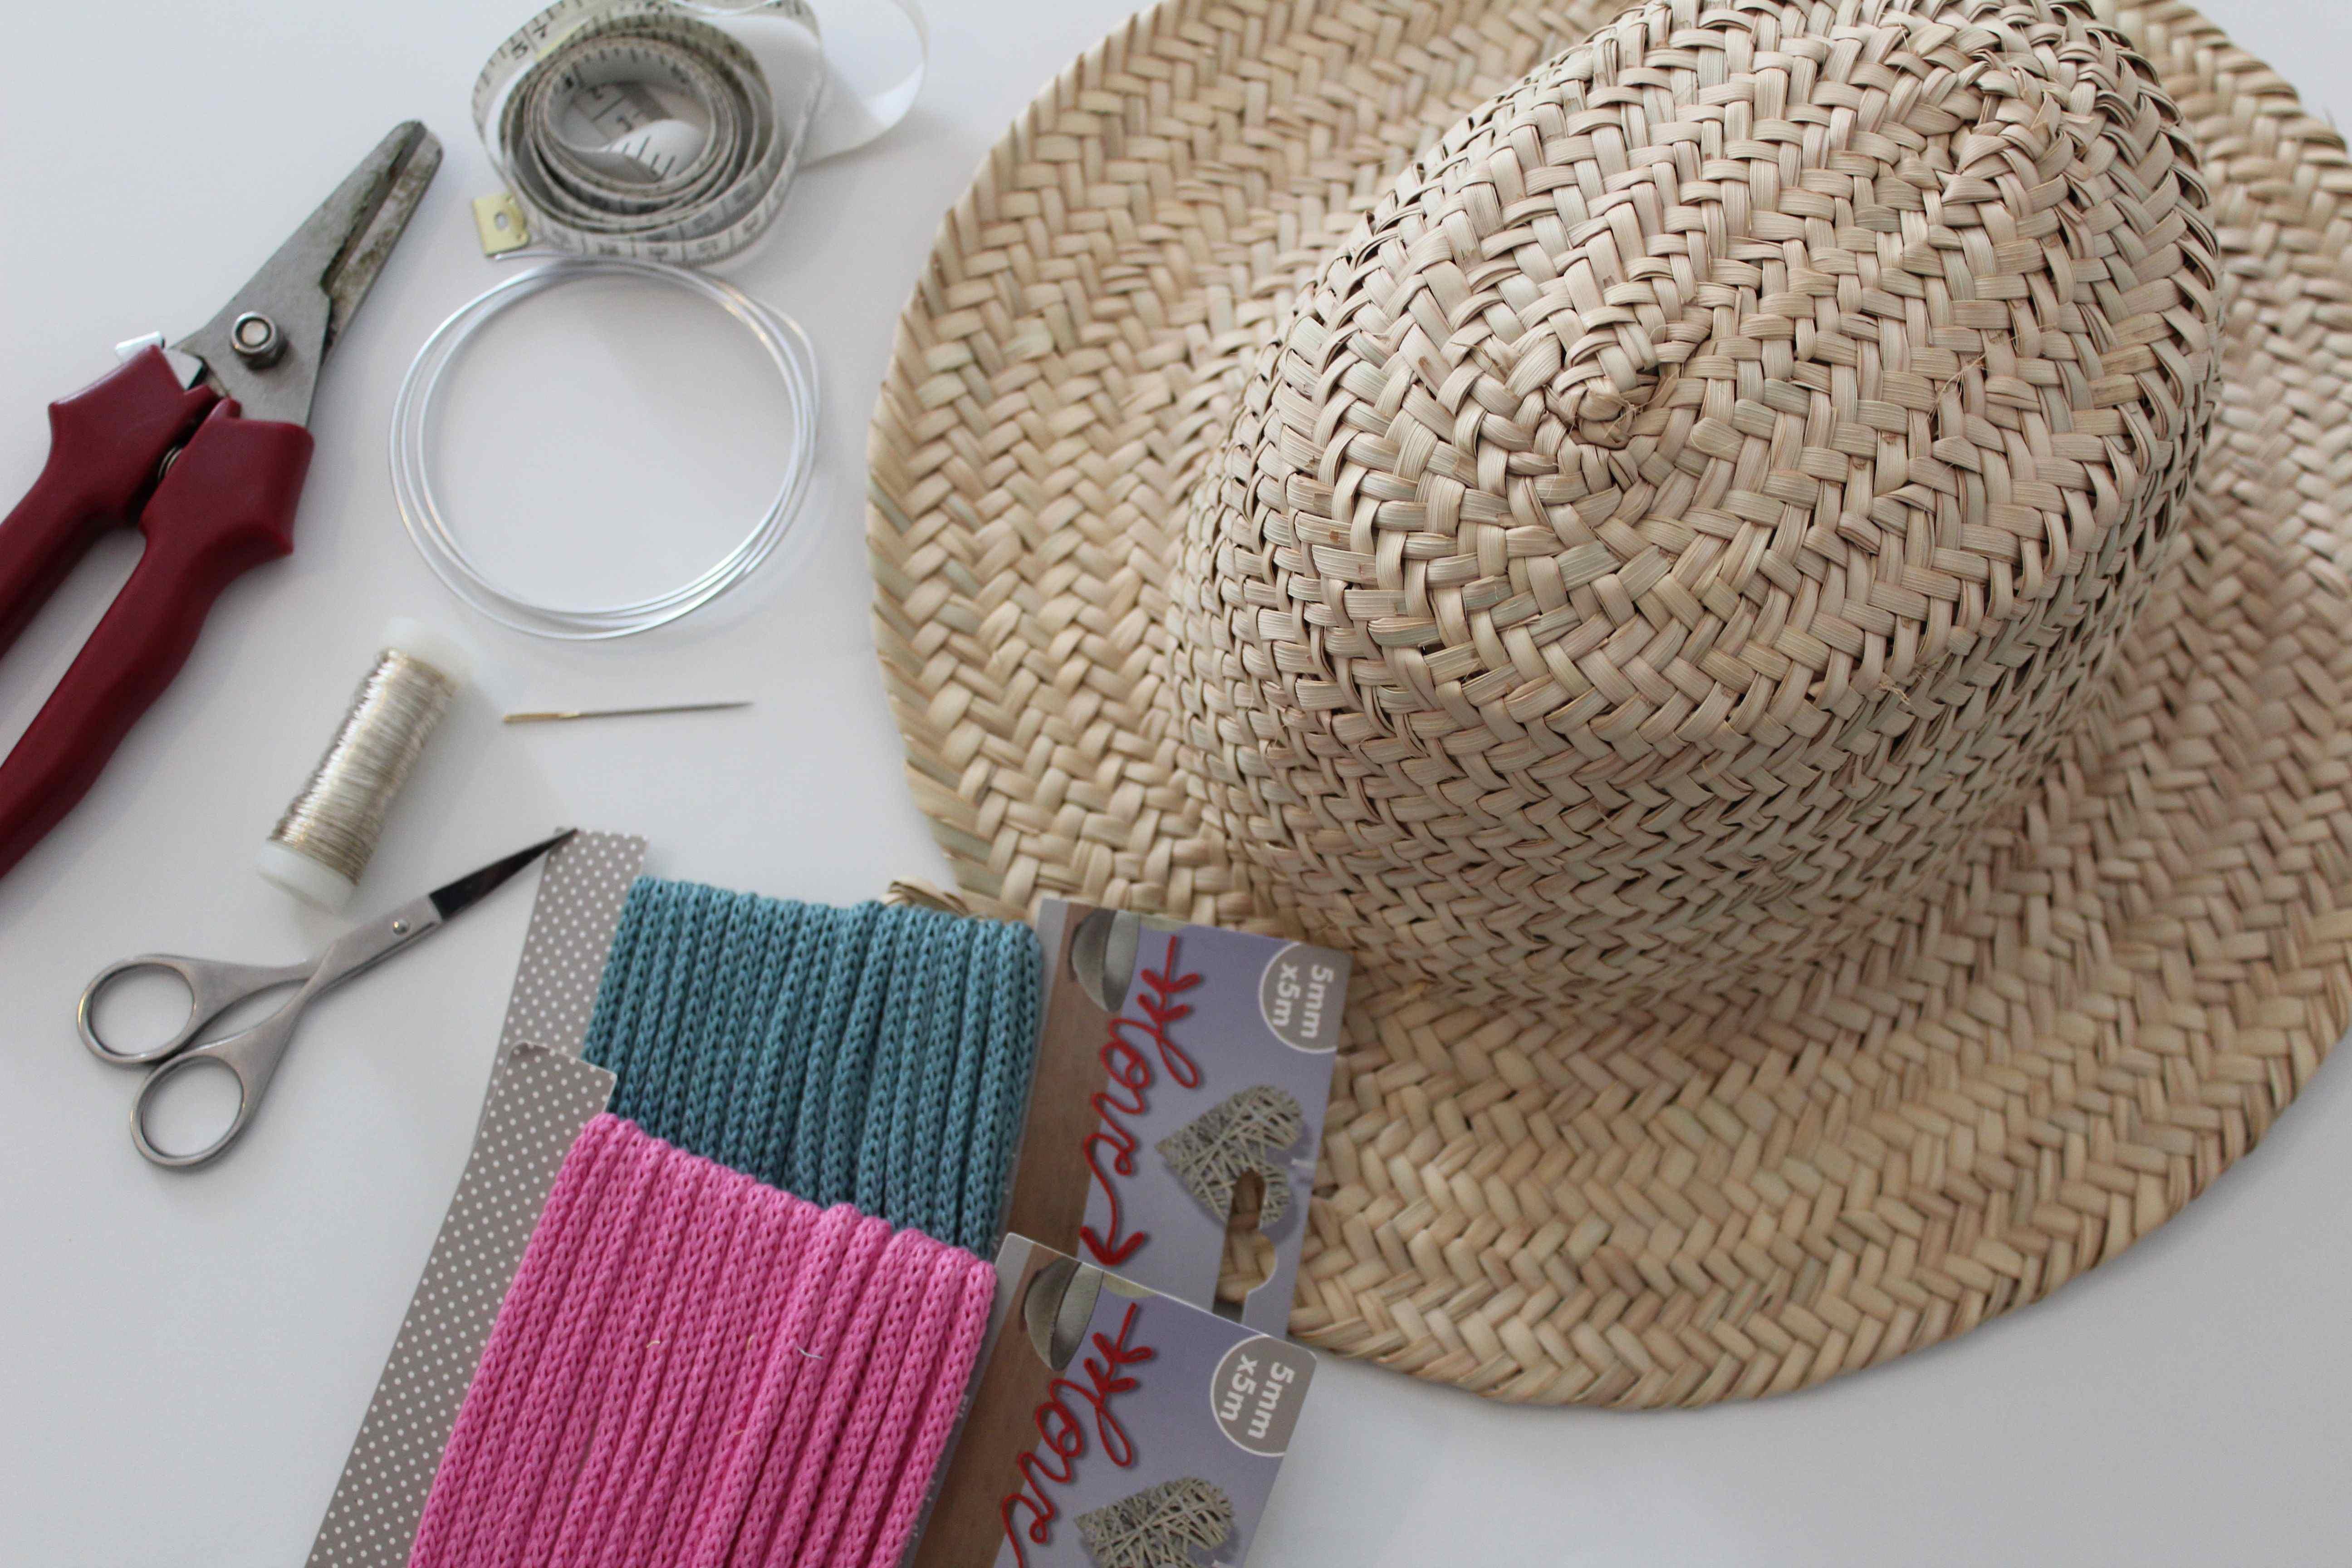 tutoriel panier chapeau personnalise fournitures tricoton inspiration maroc